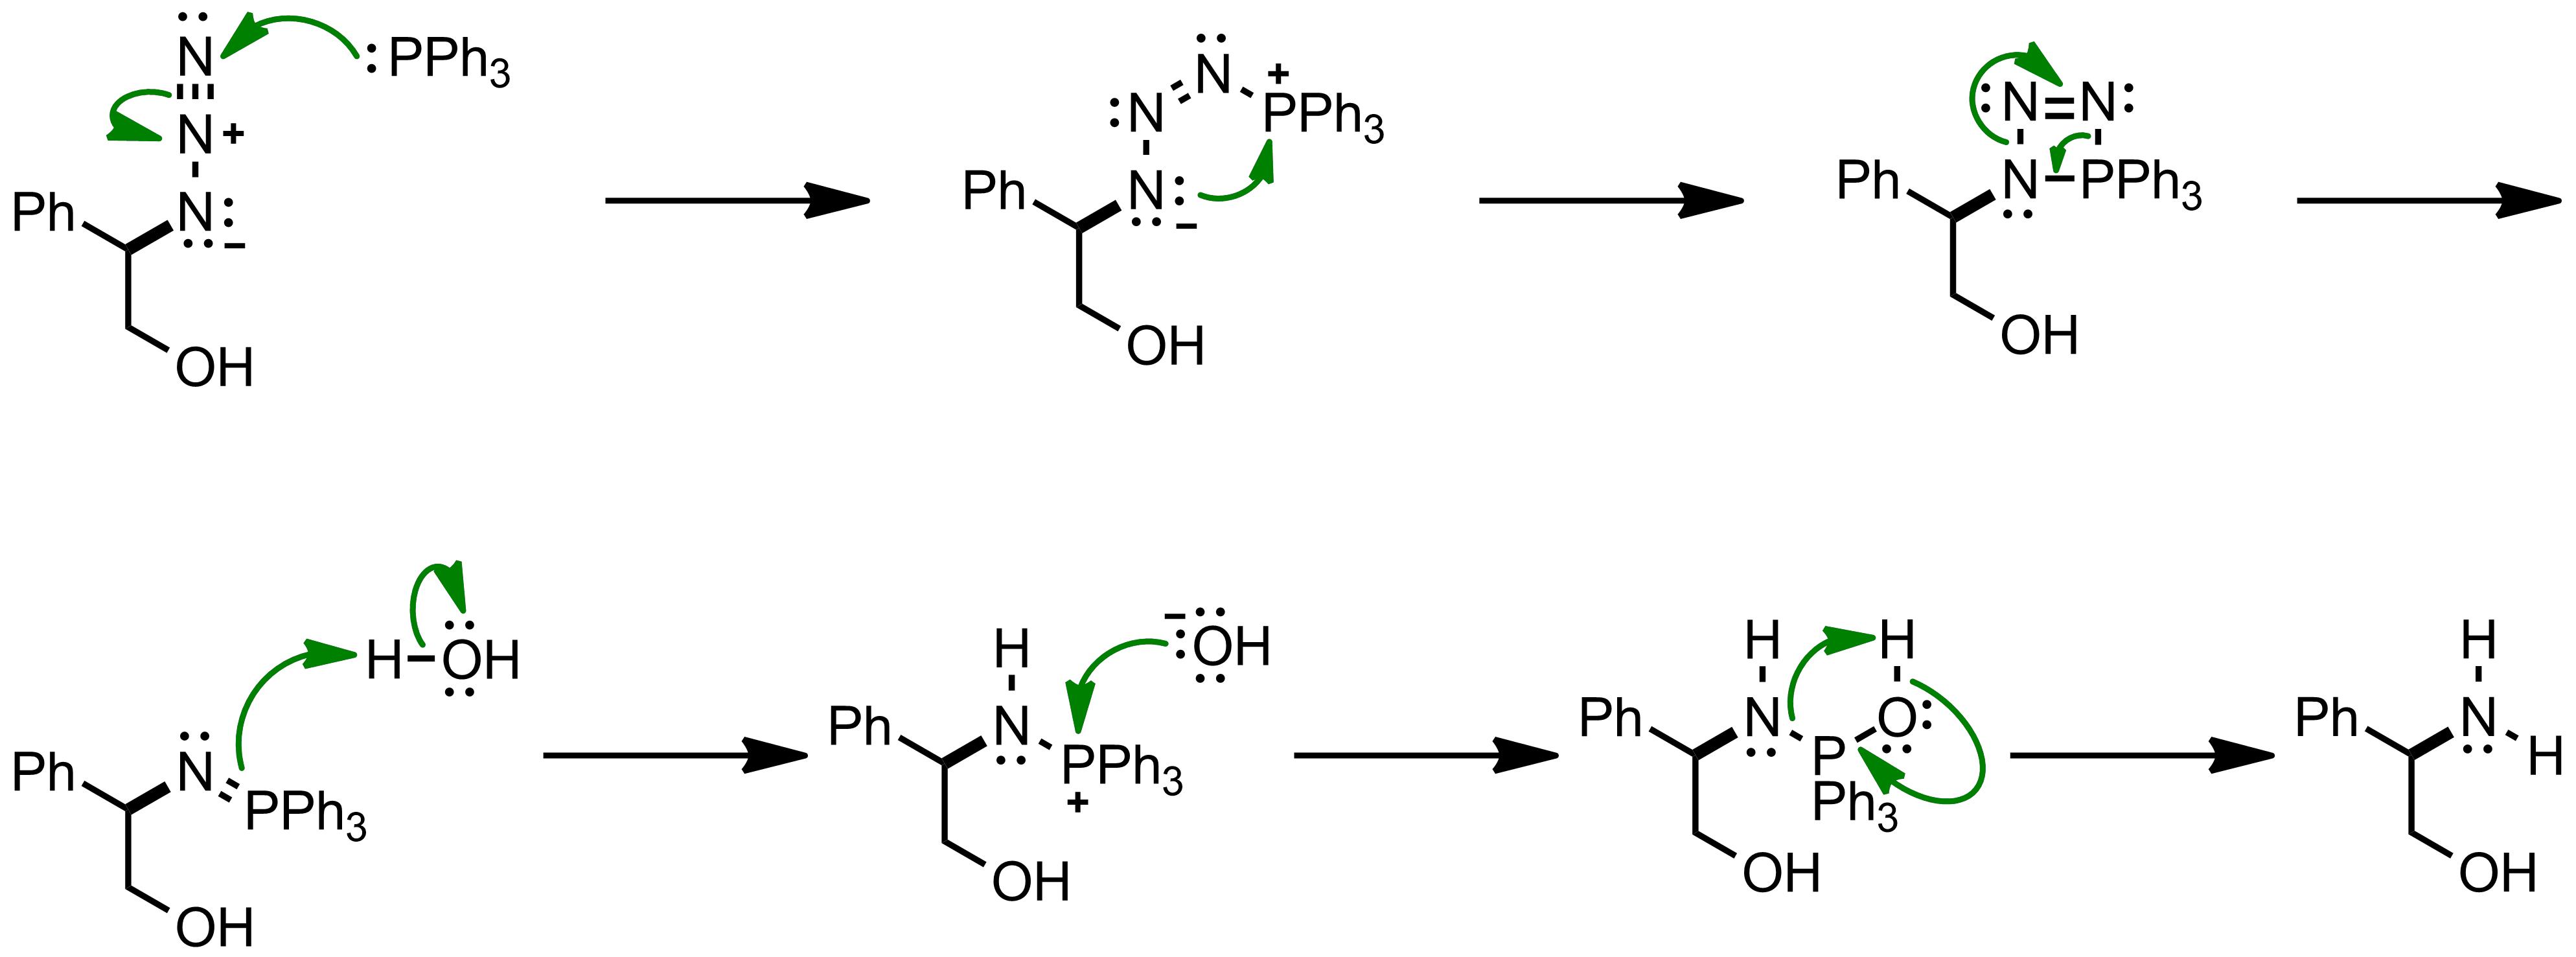 Mechanism of the Staudinger Reaction